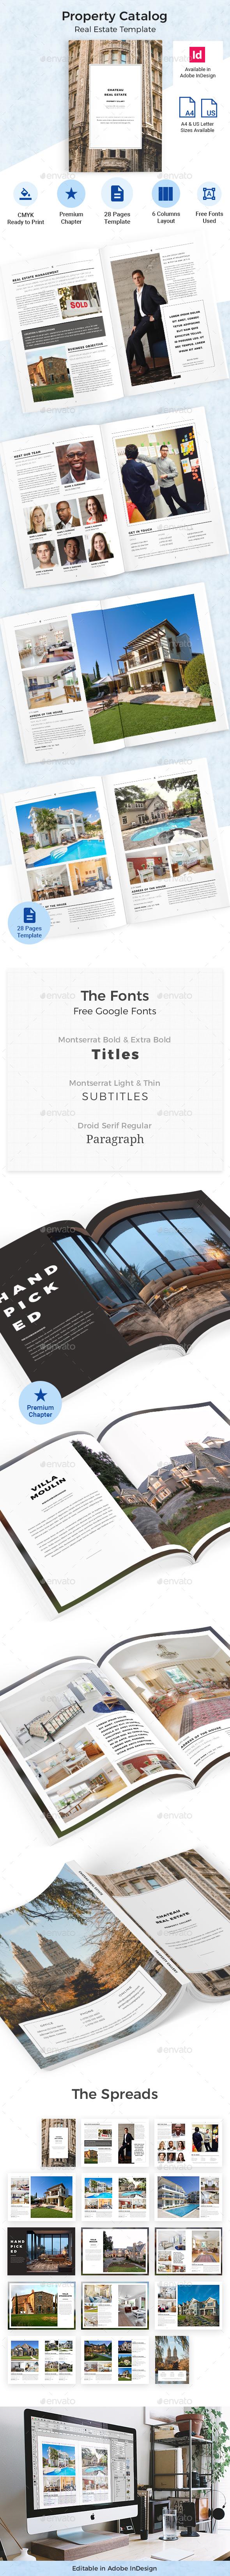 Property Gallery - Portfolio Brochures